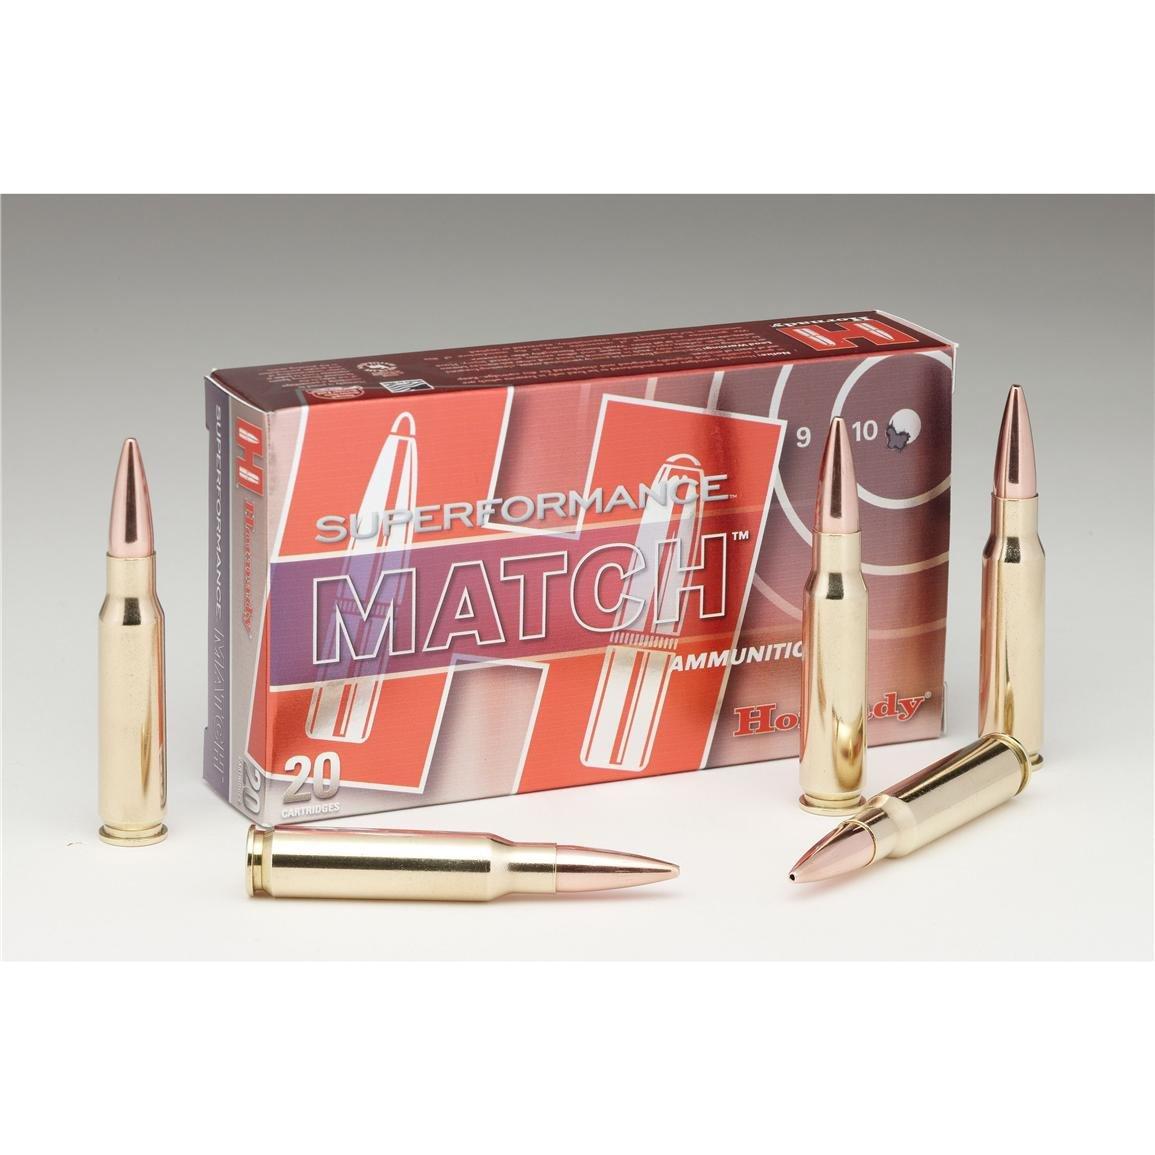 Hornady 308 178 g superformance match